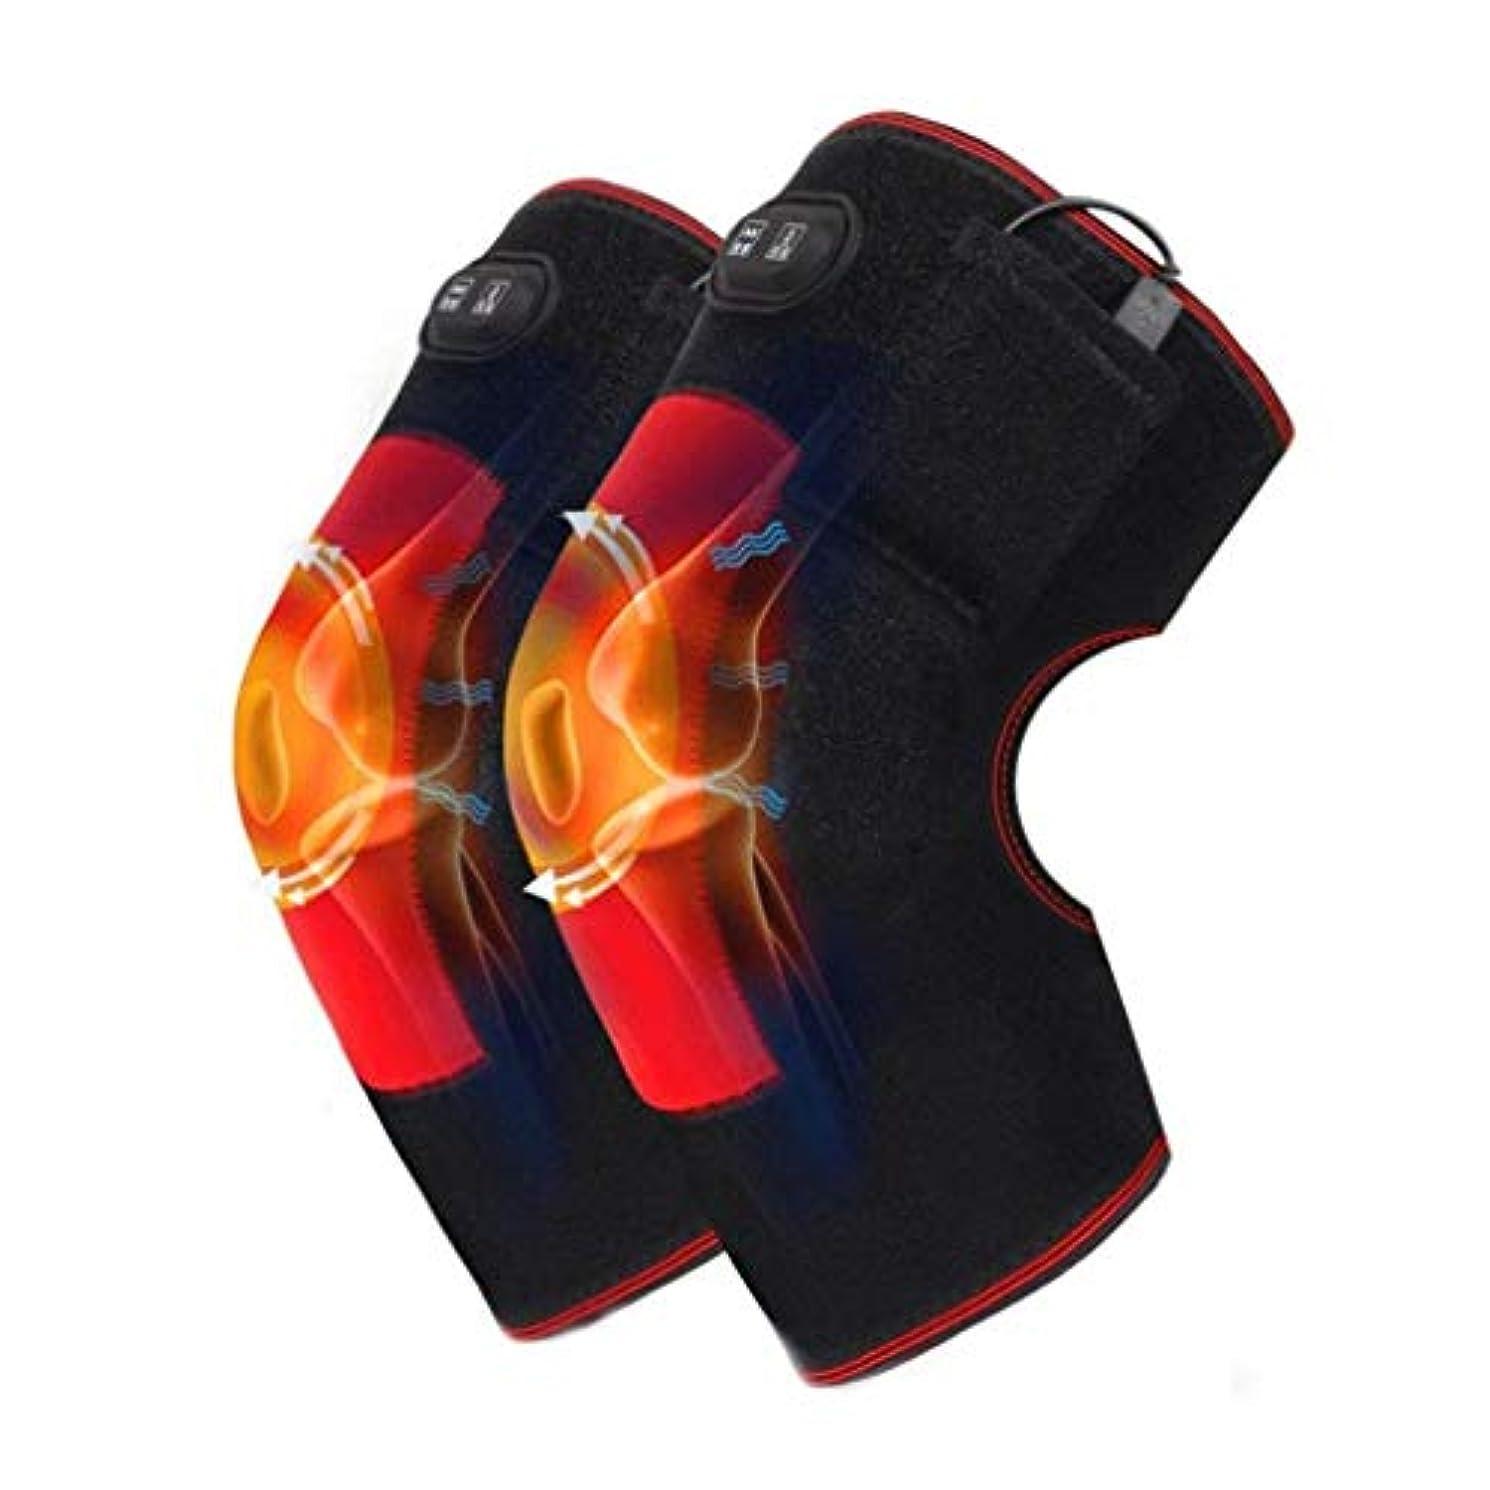 アイザック主人服を着る膝圧迫スリーブ、膝巻き式温熱パッド、関節炎、慢性関節痛、腱炎、膝脱臼、涙靭帯を効果的に緩和できる